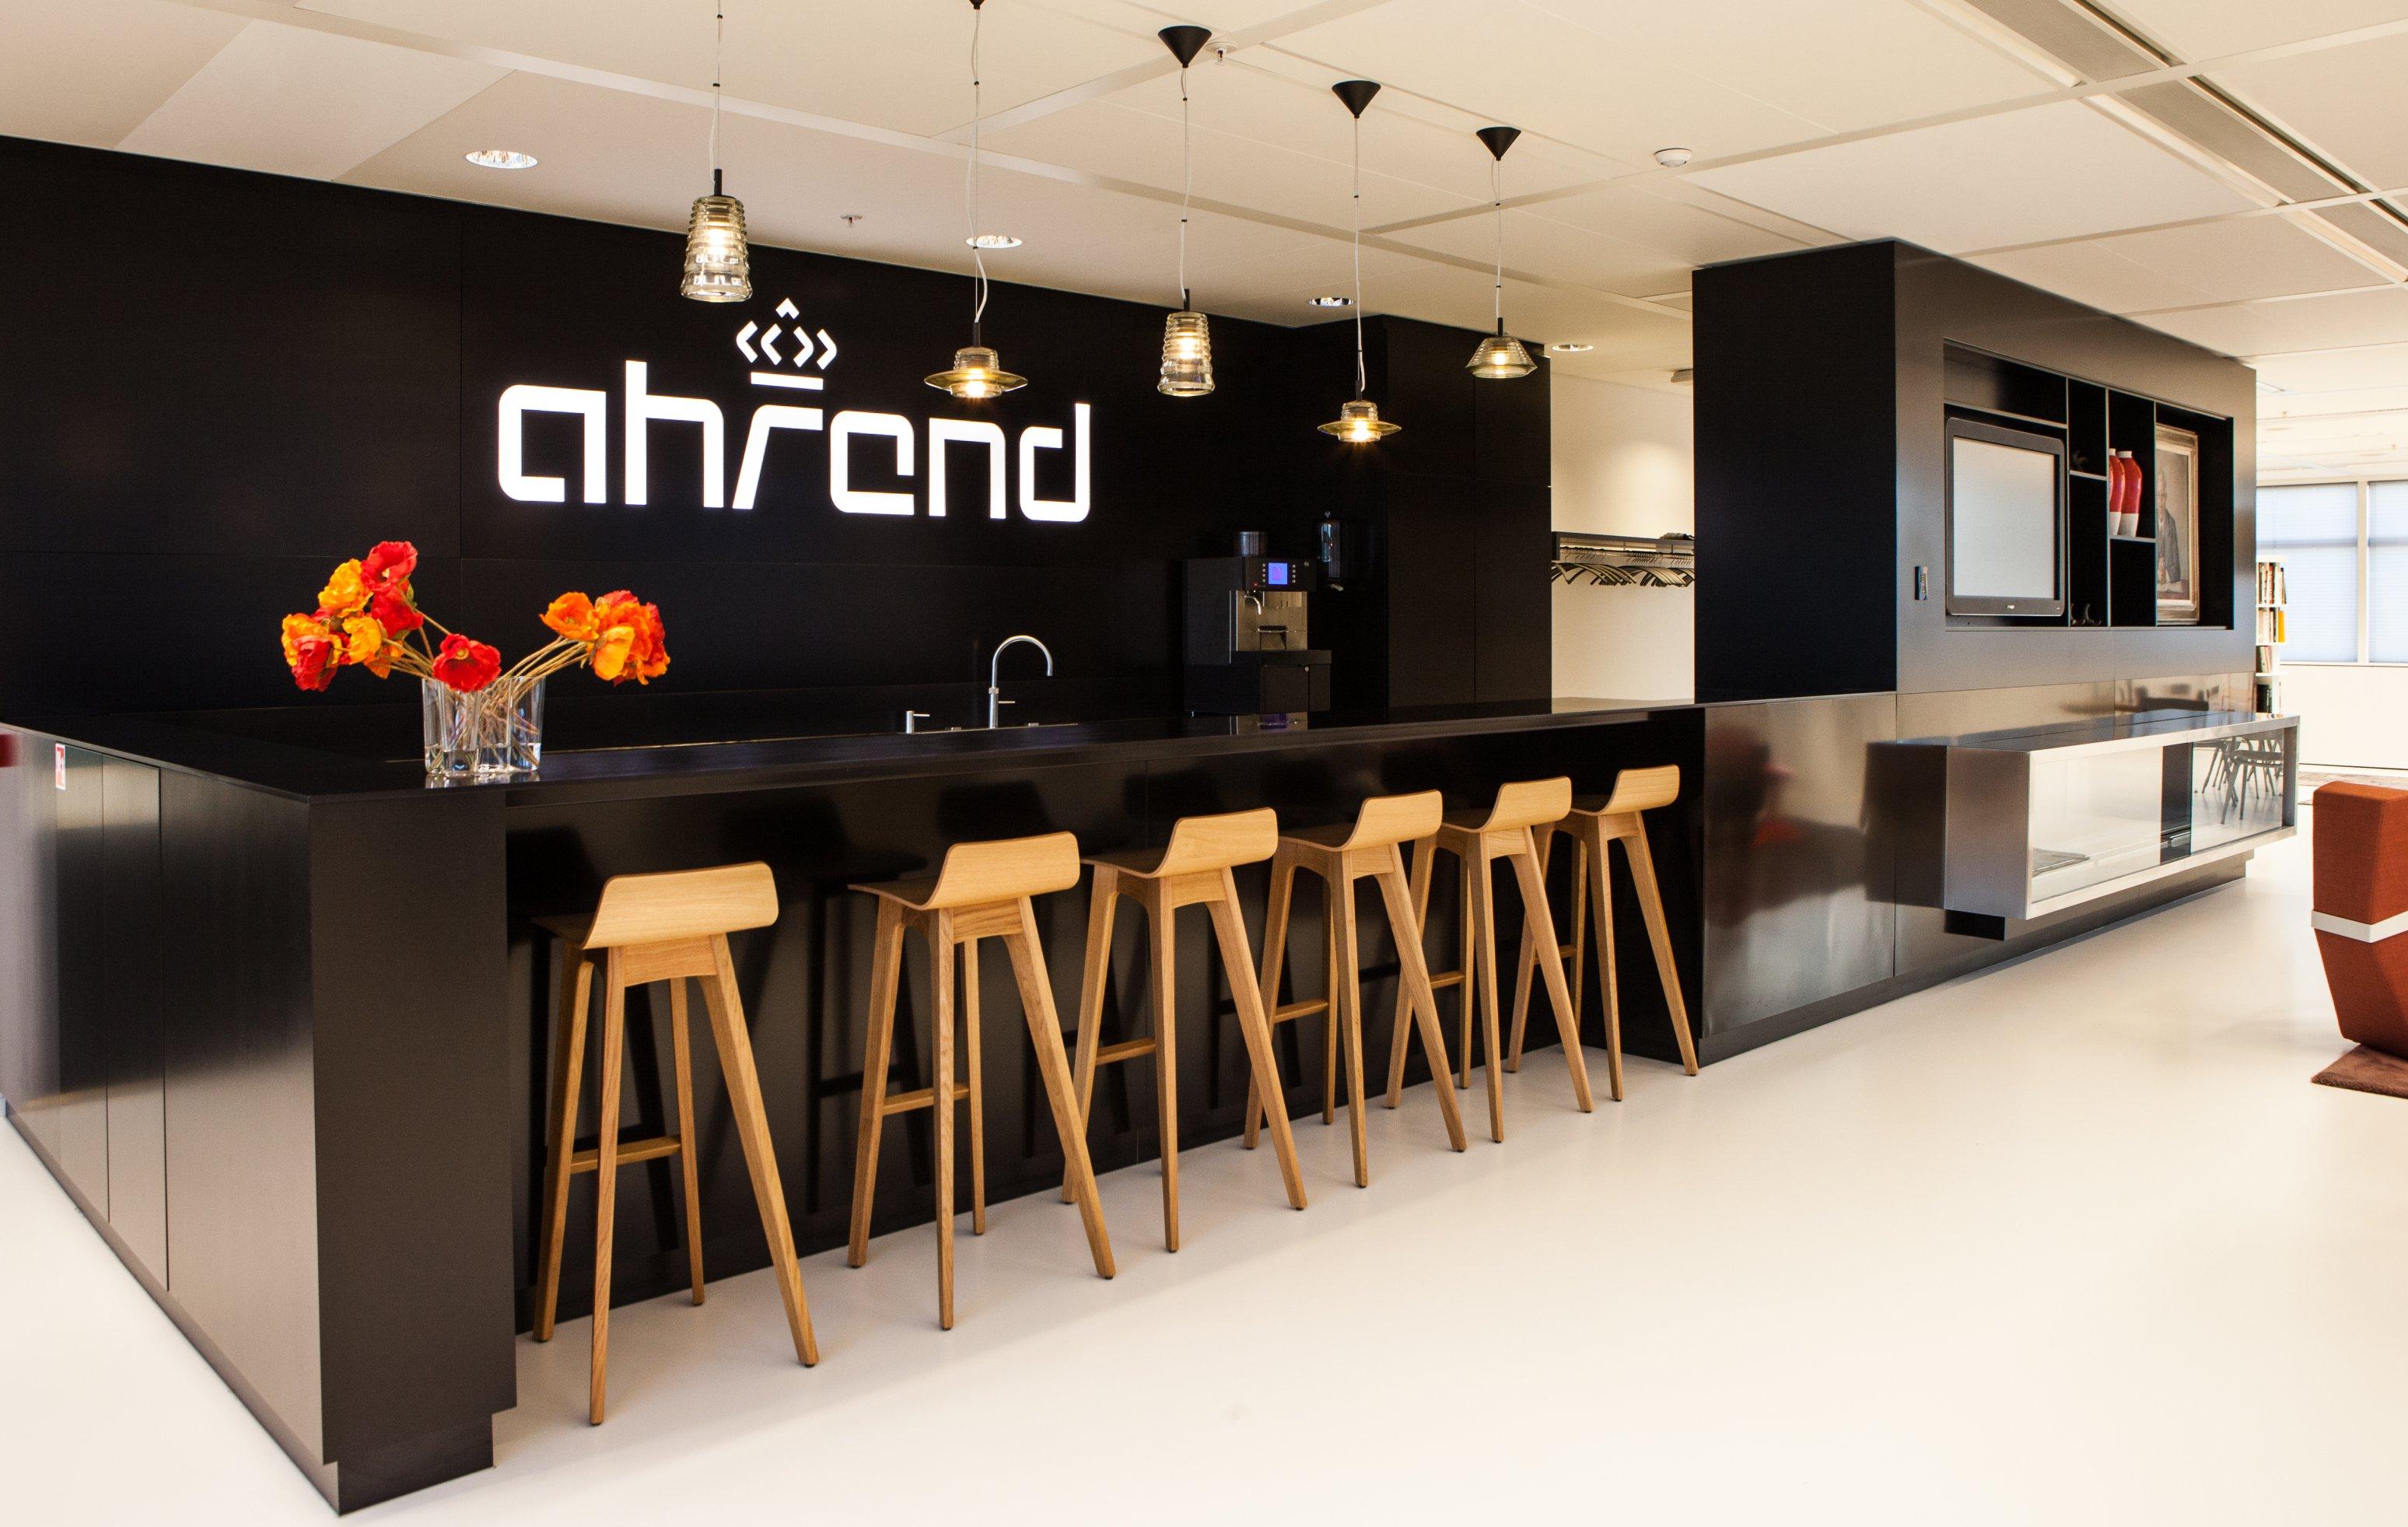 Ahrend Kantoormeubelen Amsterdam.Ahrend Inspiration Centre Kraaijvanger Architects